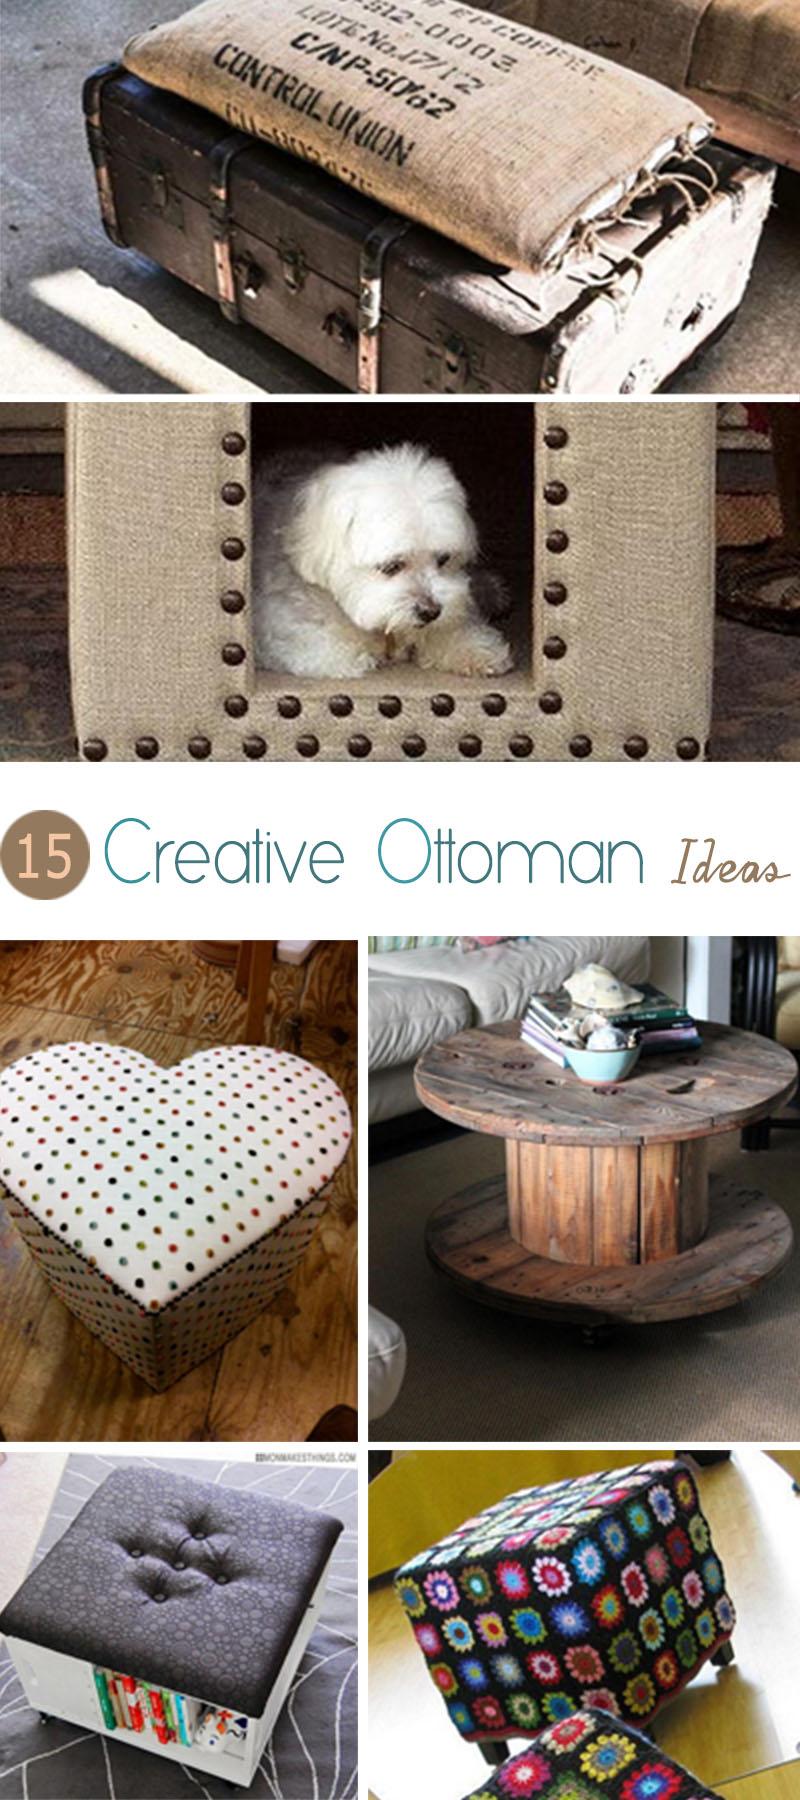 15 creative ottoman ideas hative - Creative diy ottoman ideas ...